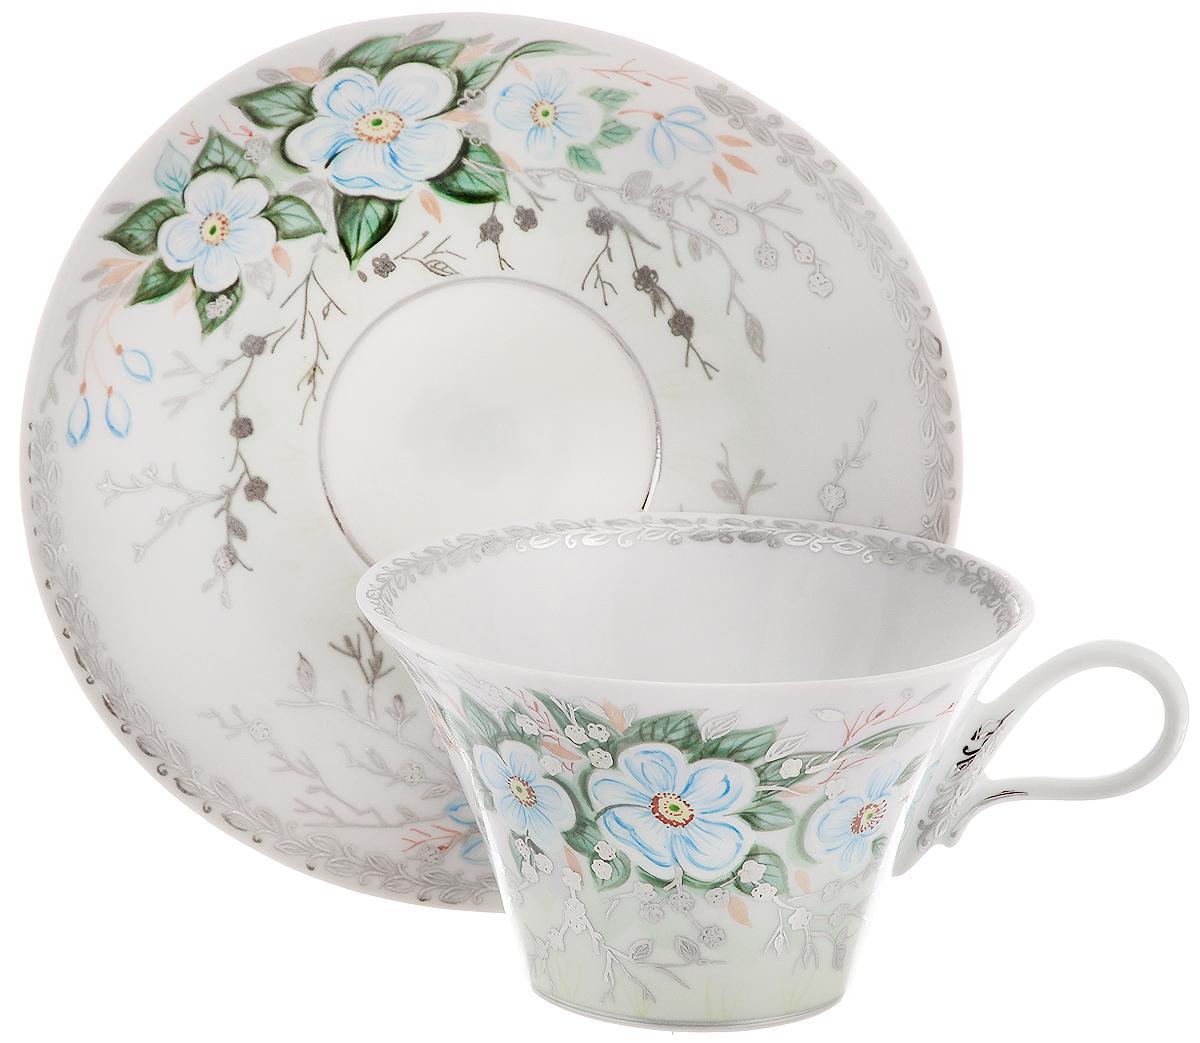 Чайная пара Фарфор Вербилок Дыхание весны, 2 предмета2829000ПЧайная пара Фарфор Вербилок Дыхание весны состоит из чашки и блюдца, которые изготовлены из высококачественного фарфора и украшены красивым цветочным рисунком. Несмотря на то, что фарфор легкий и тонкий, он отличается необычайной прочностью и долговечностью. Данная чайная пара изготовлена скульптором Валерием Анатольевичем Дрожжиным: плавно расширяющаяся снизу вверх чашечка, изящная удобная ручка, овальное блюдечко - все это создает невероятное ощущение легкости и свежести. Рисунок разработан художником Светланой Юрьевной Сычевой в стиле многовековой гарднеровской художественной школы и виртуозно выполнен вручную керамическими красками, золотом и платиной. Изысканный утонченный дизайн придется по вкусу ценителям классики и тем, кто предпочитает современный стиль. Чайная пара Дыхание весны украсит ваш кухонный стол, а также станет замечательным подарком к любому празднику. Диаметр чашки (по верхнему краю): 10 см. Высота чашки: 6 см. Размеры блюдца: 14,7 х 14...